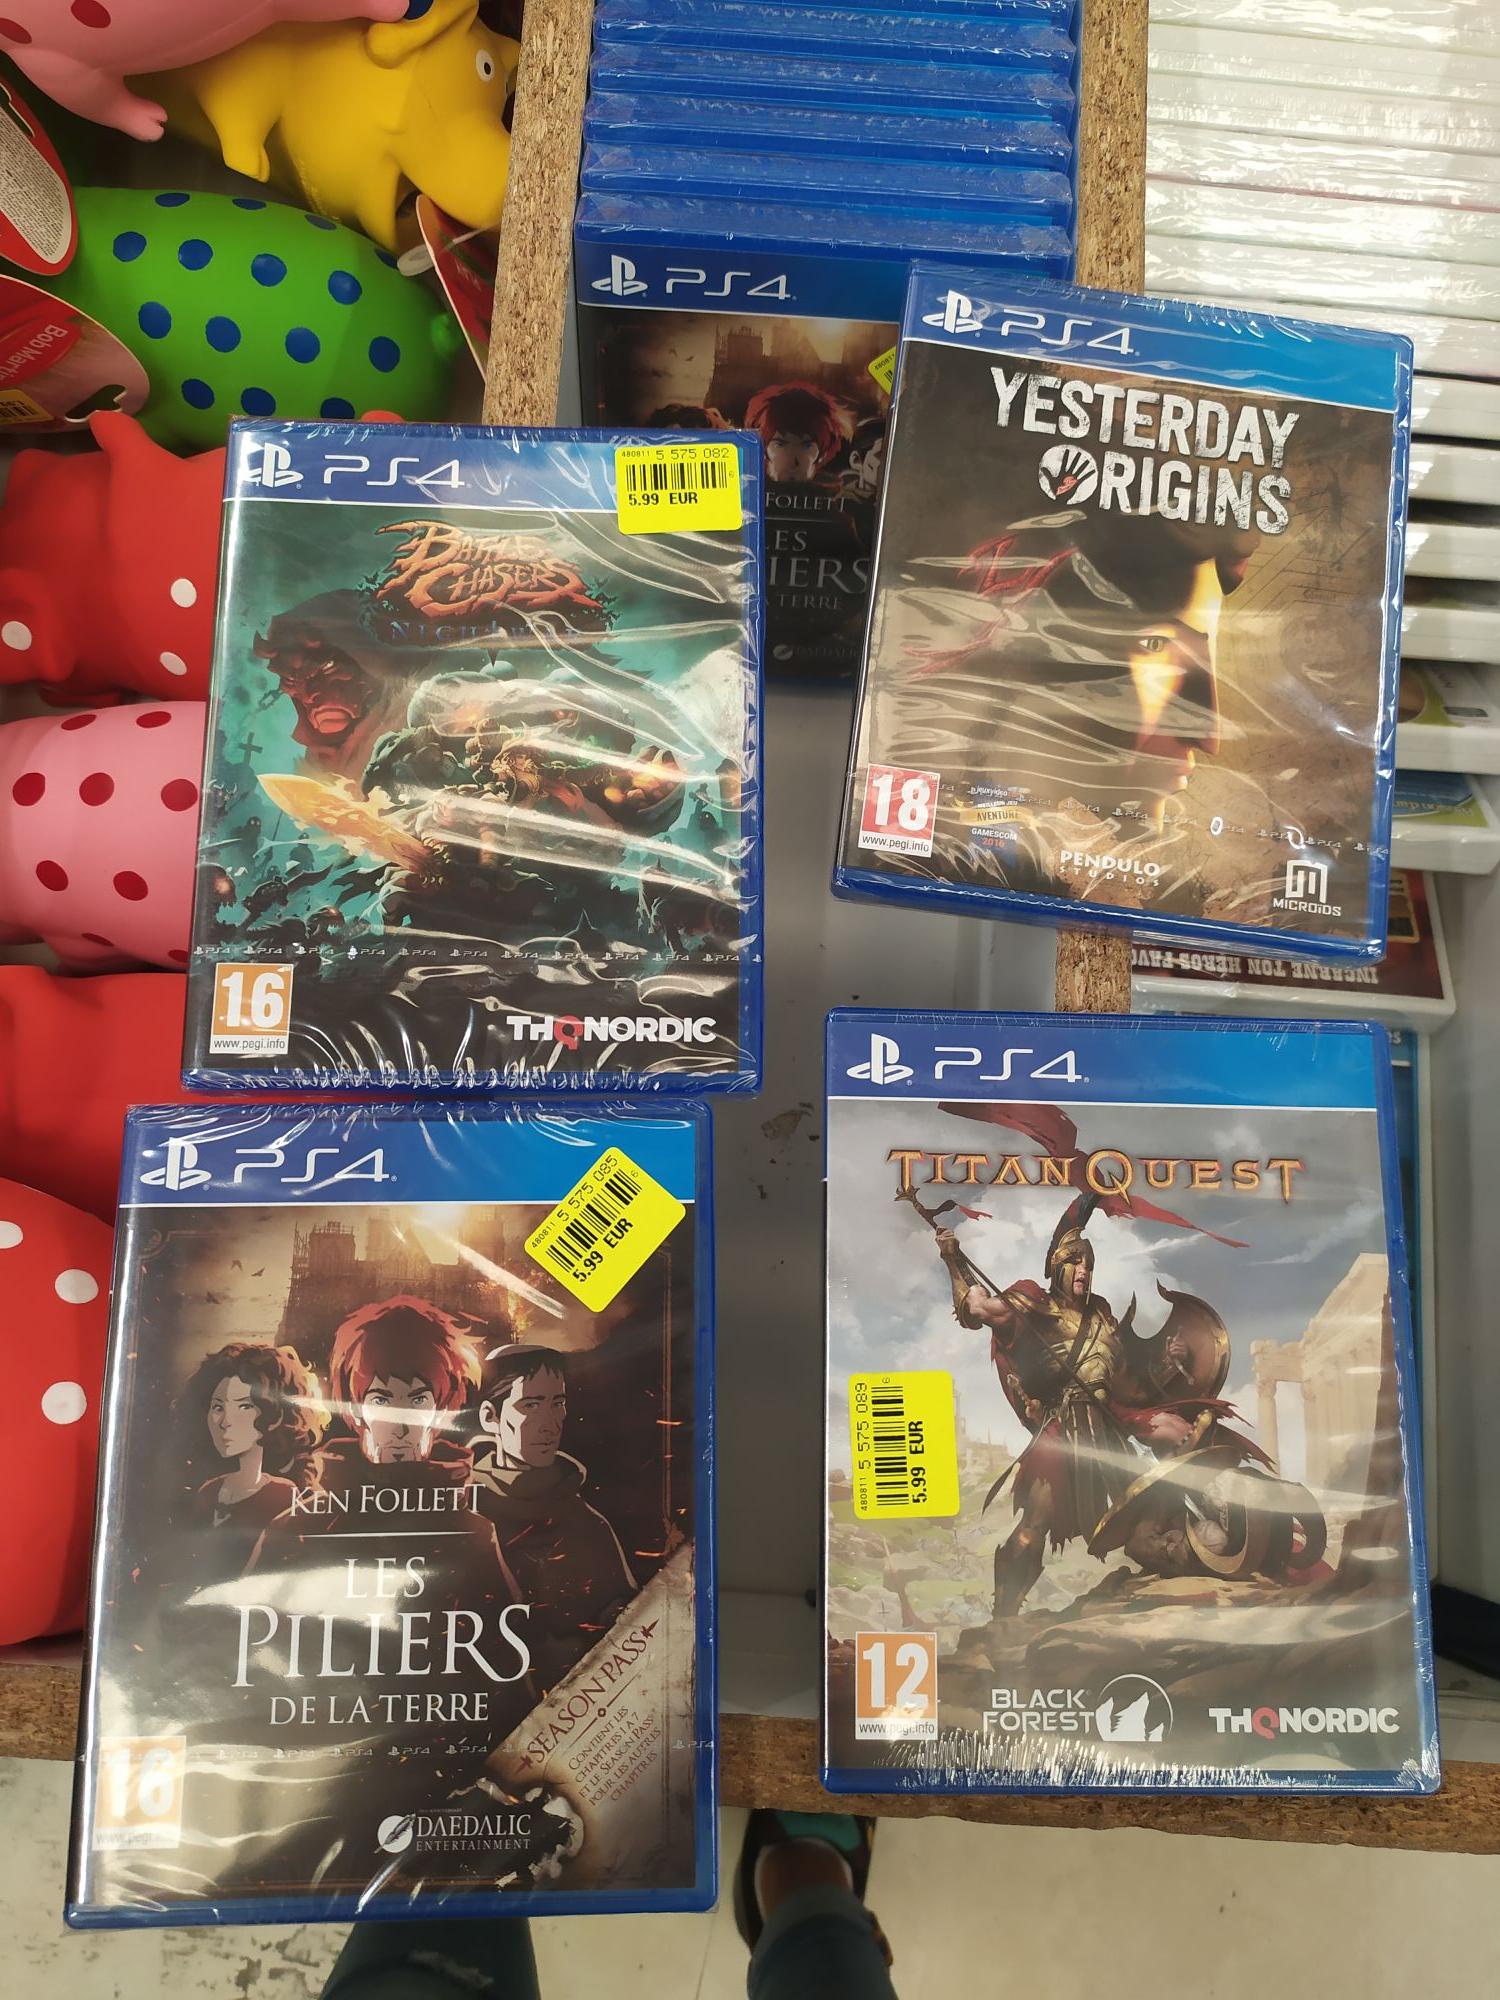 Sélection de jeux PS4 à 5.99€ - Landerneau (29)